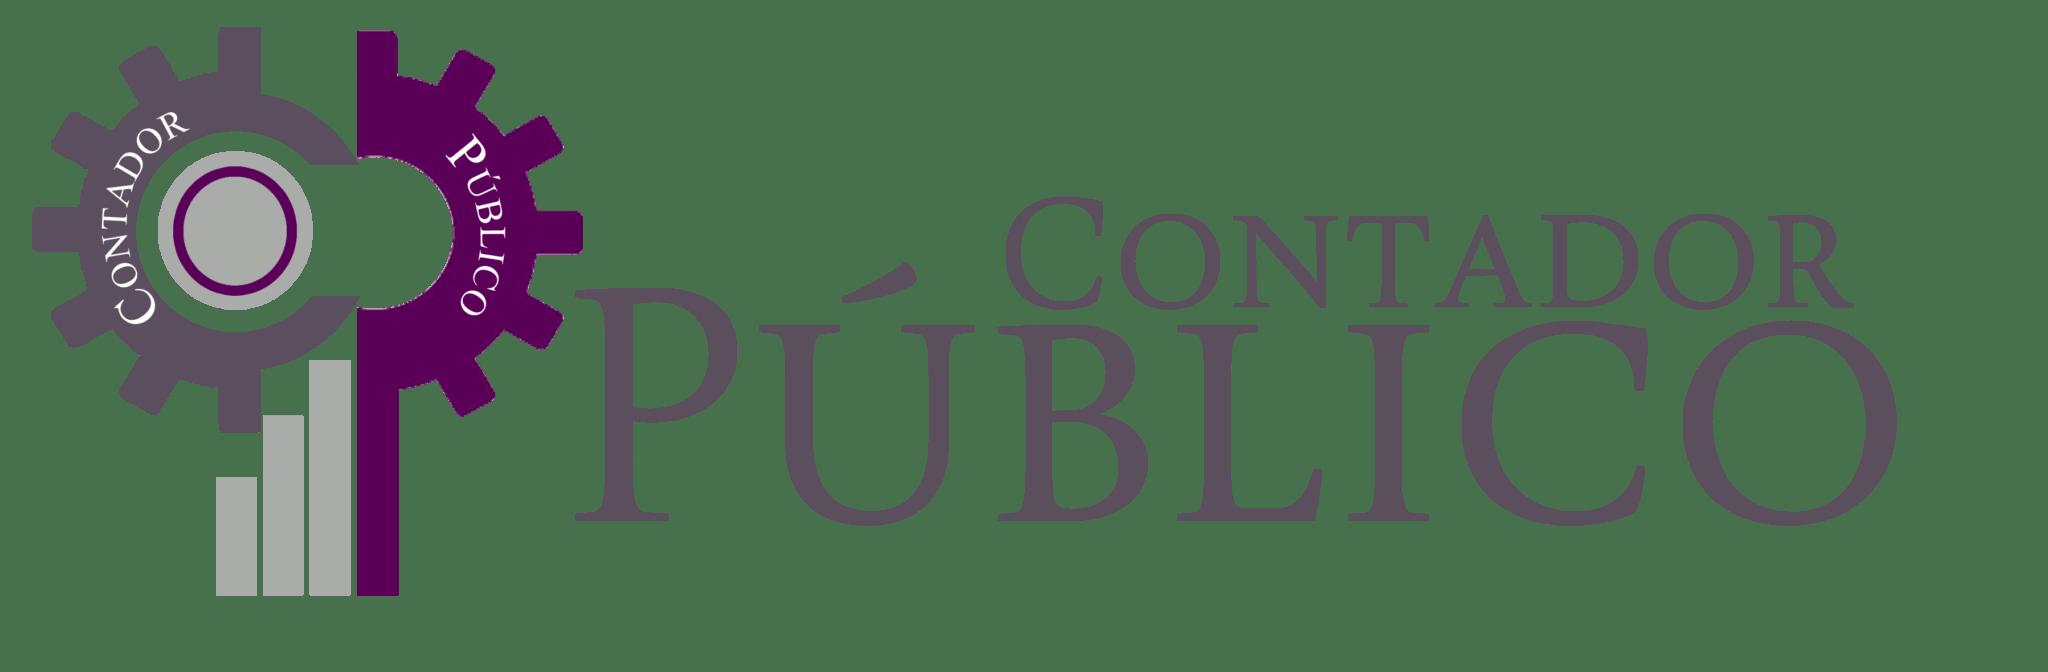 CONTADOR PUBLICO_HEADING